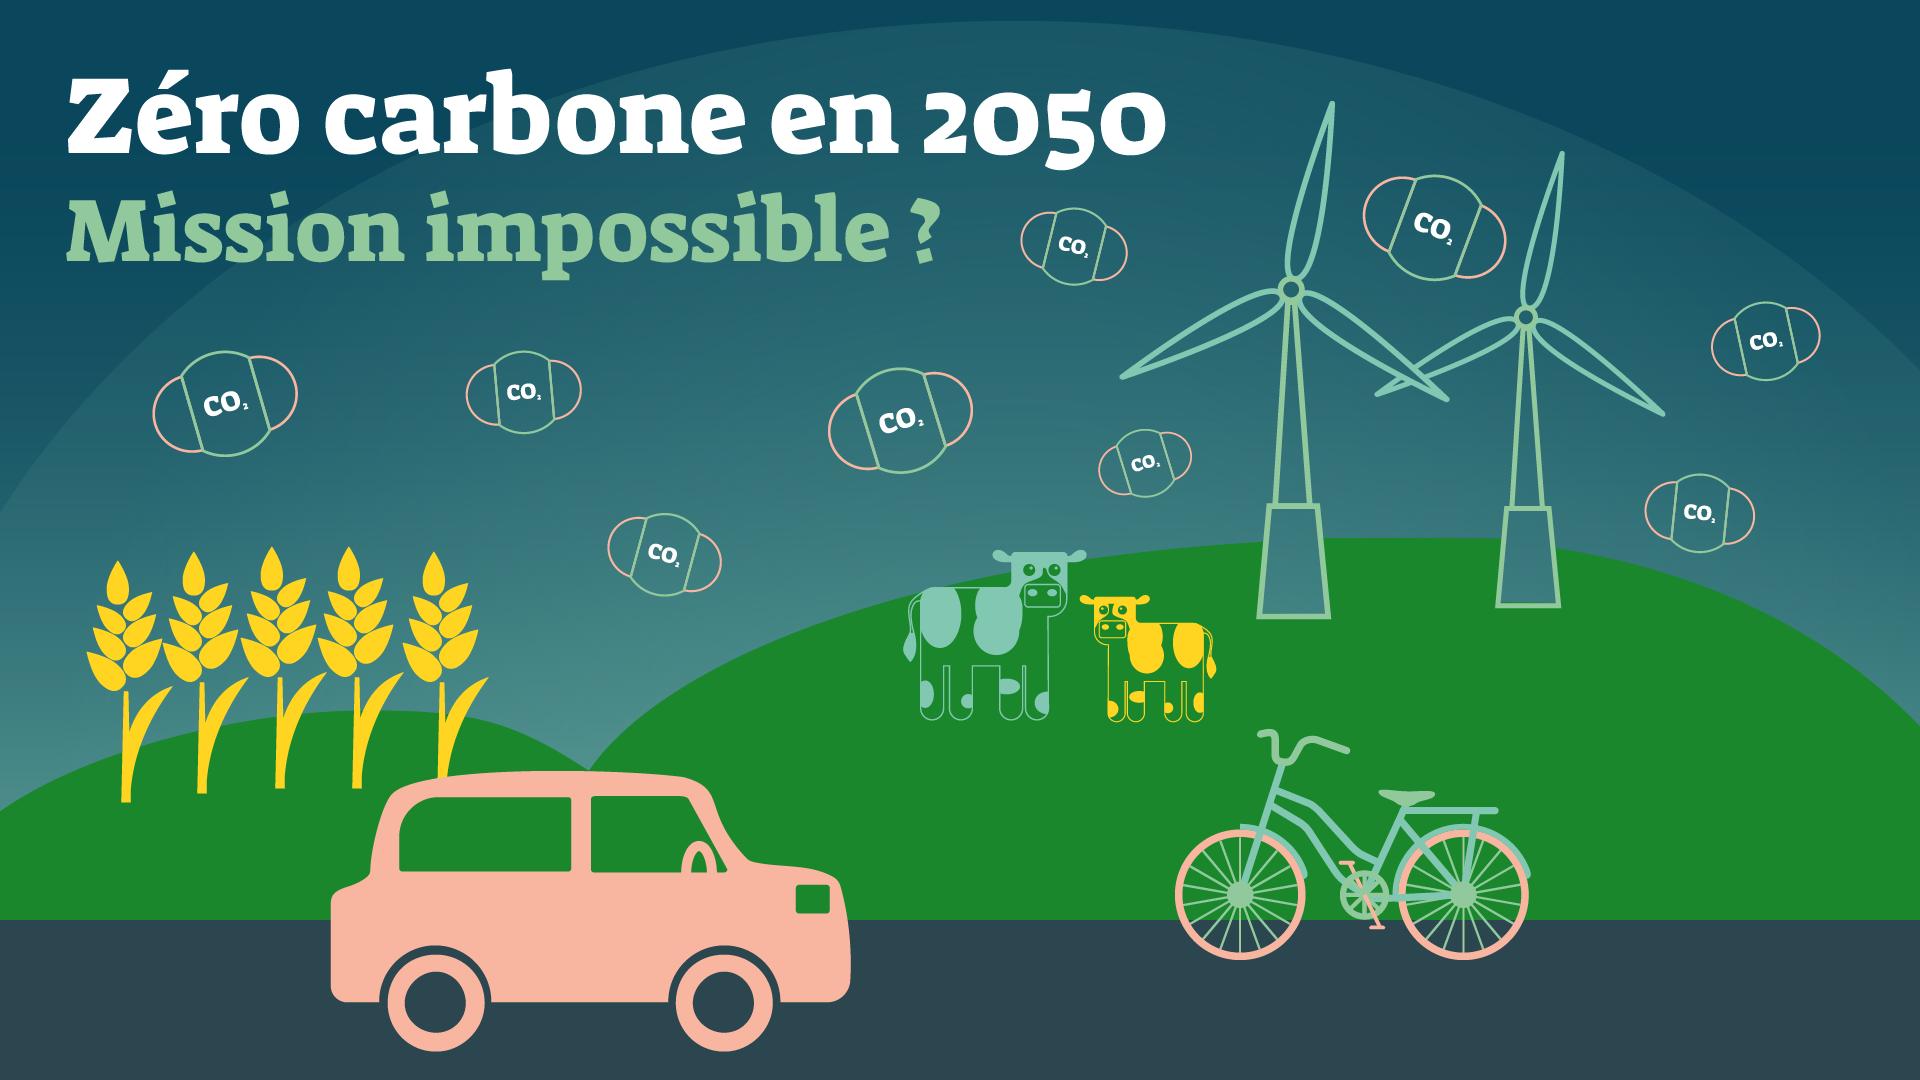 Pourquoi l'objectif zéro carbone de la France en 2050 est important ?